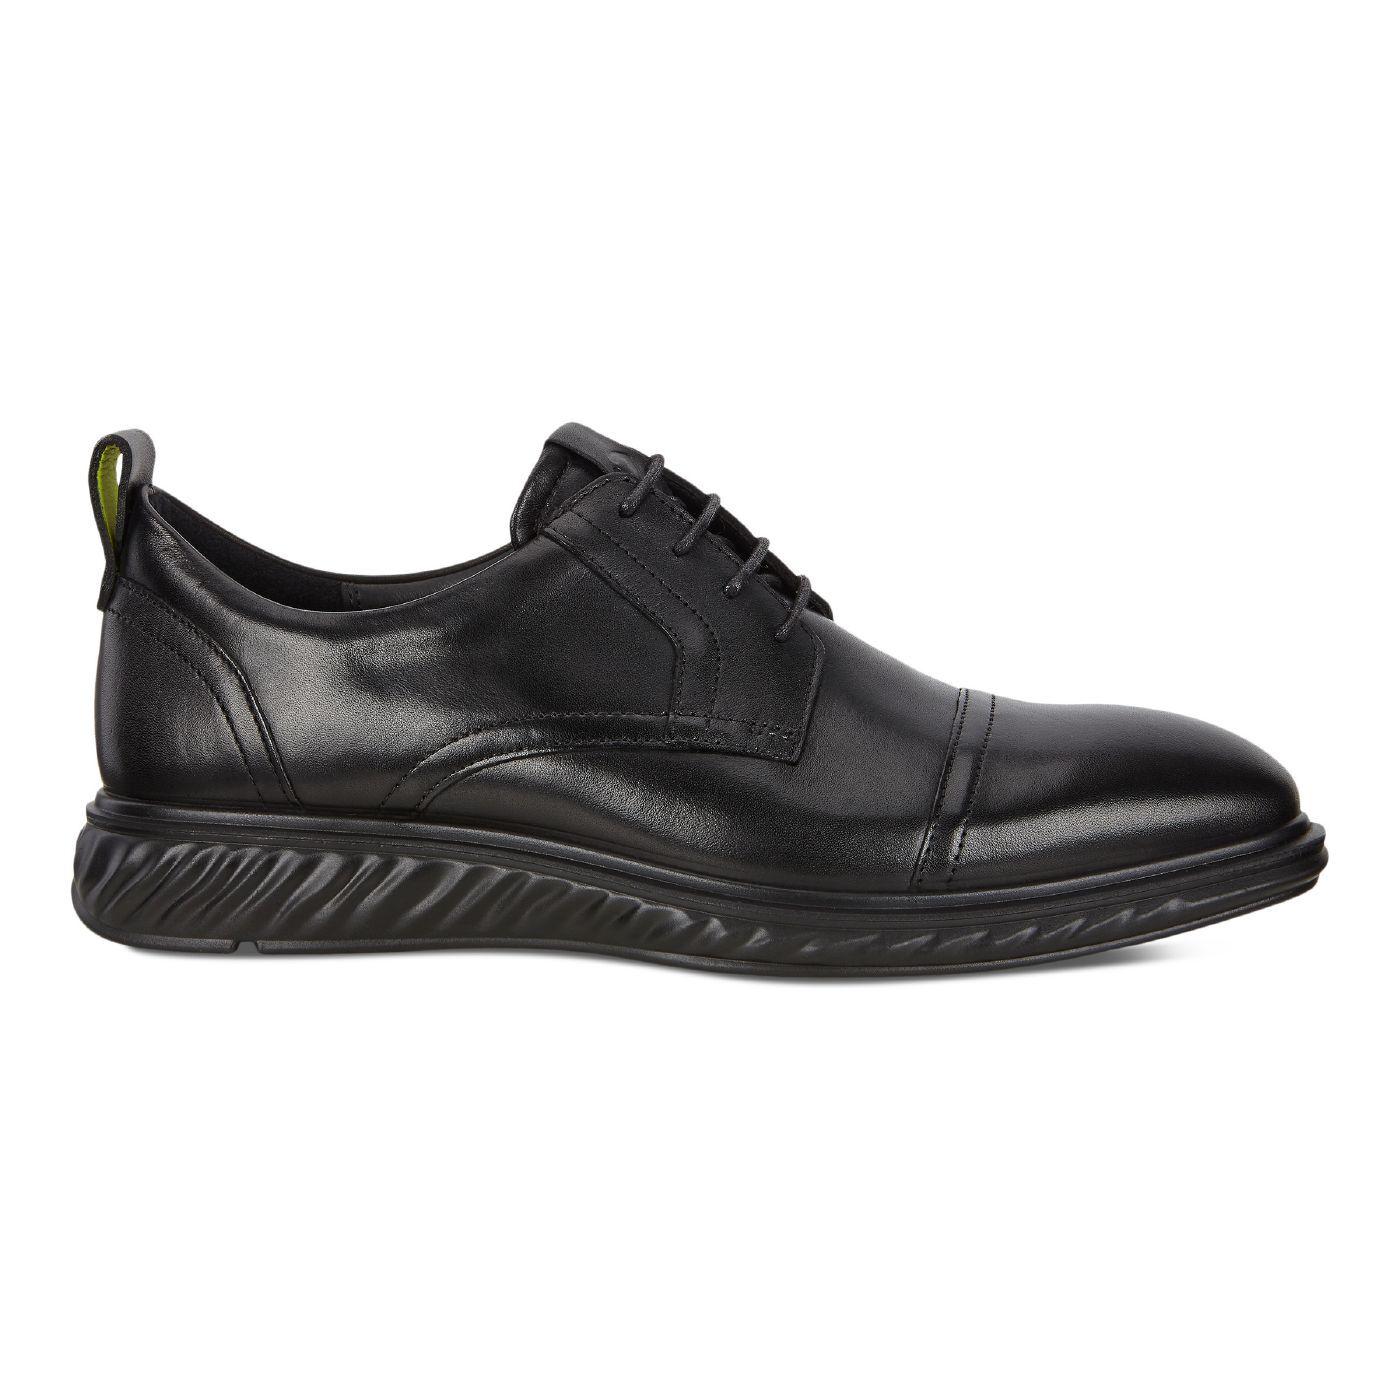 에코 ECCO ST. 1 HYBRID LITE Mens Shoes,BLACK